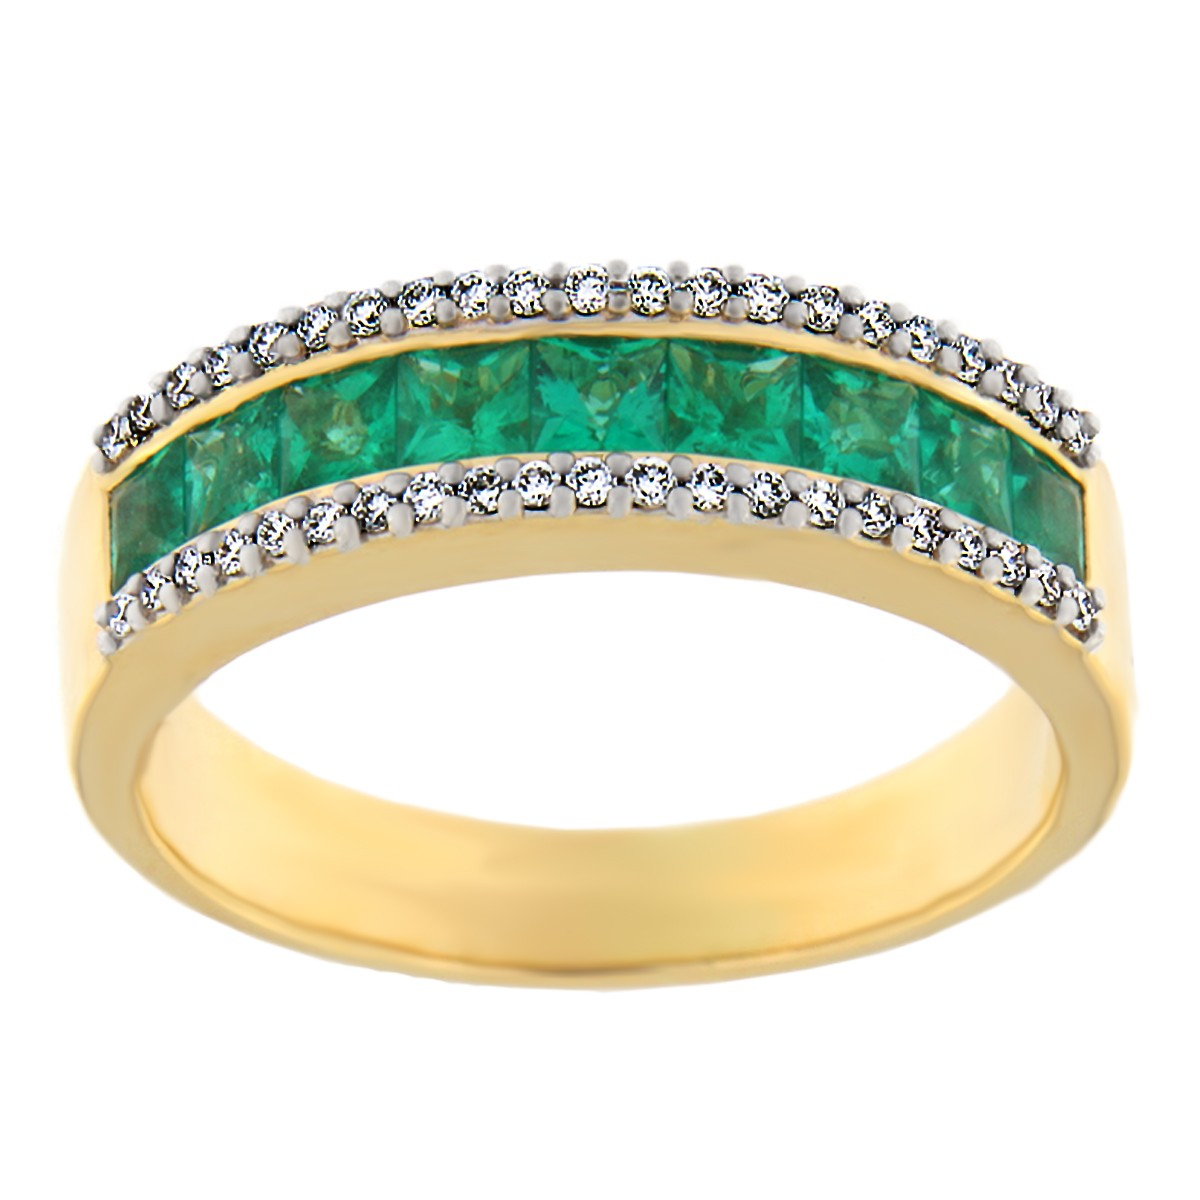 Kullast sõrmus teematide ja smaragdidega Kood: 12m